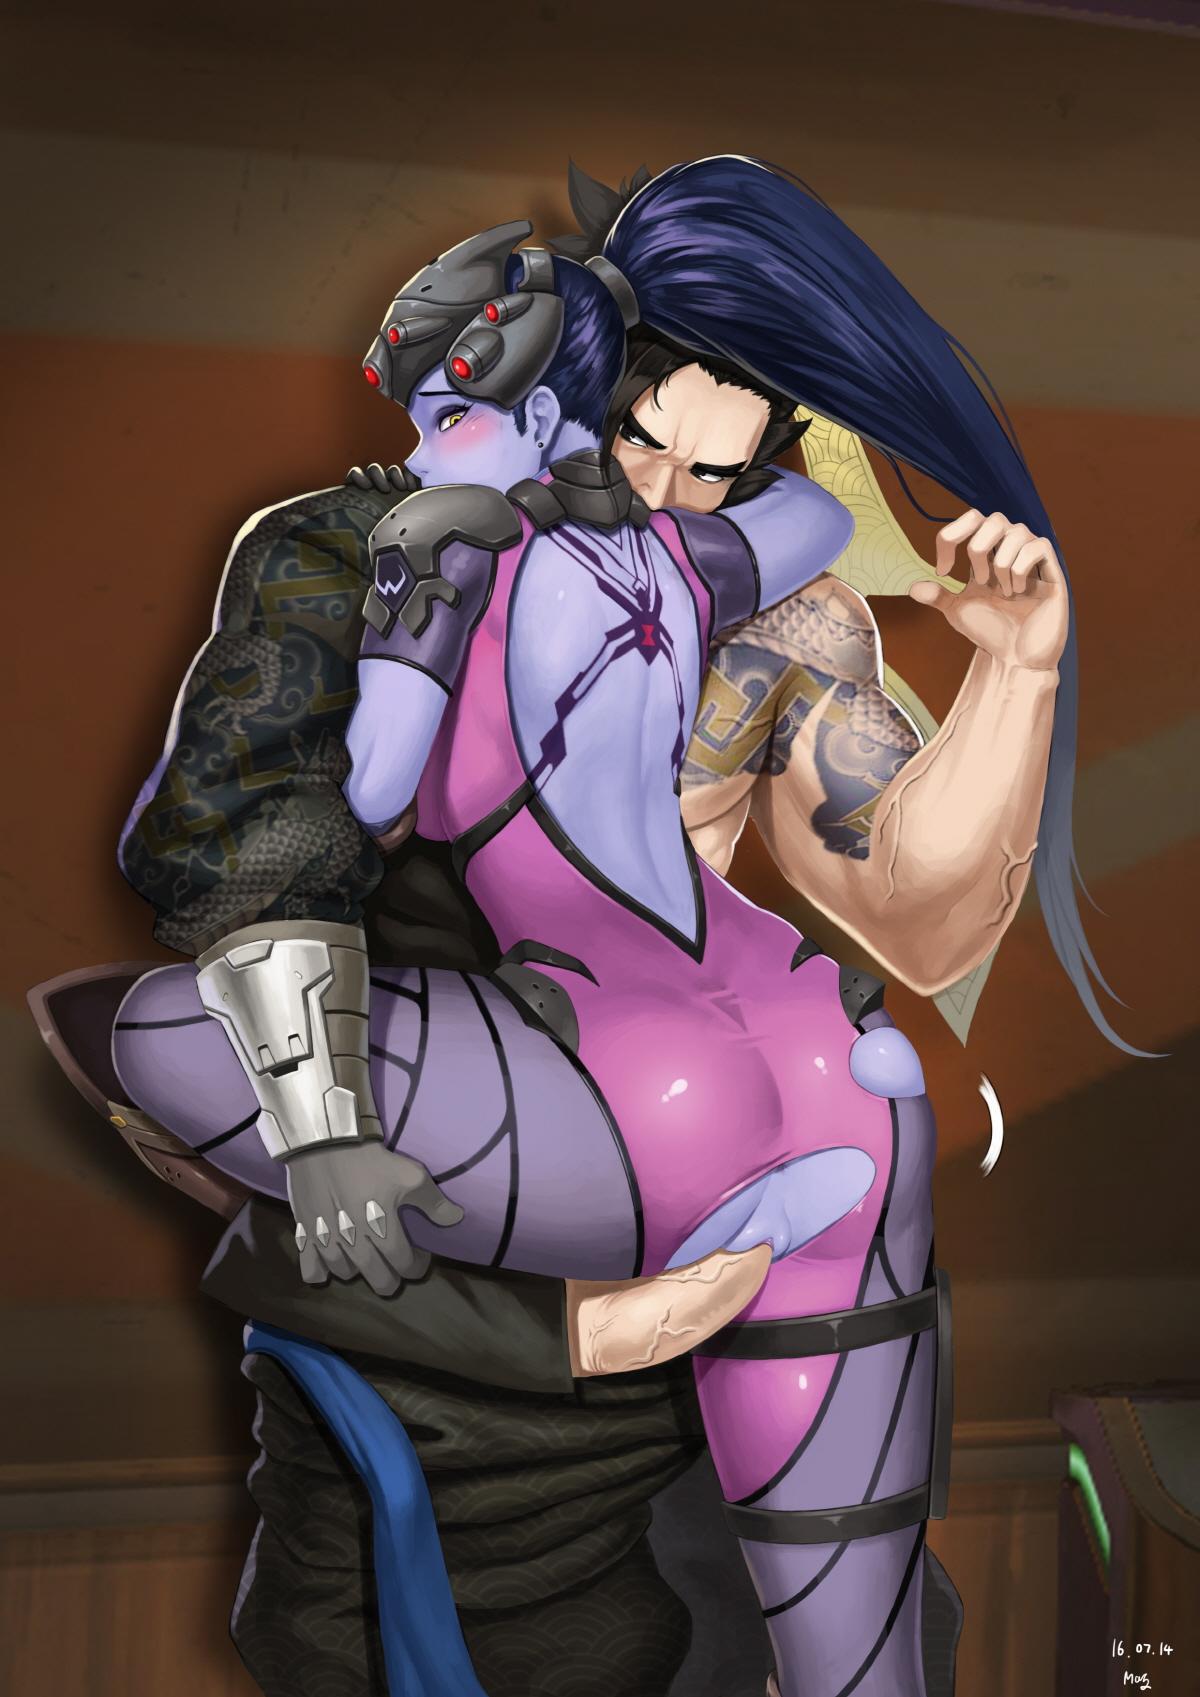 Hanzo and Widowmaker